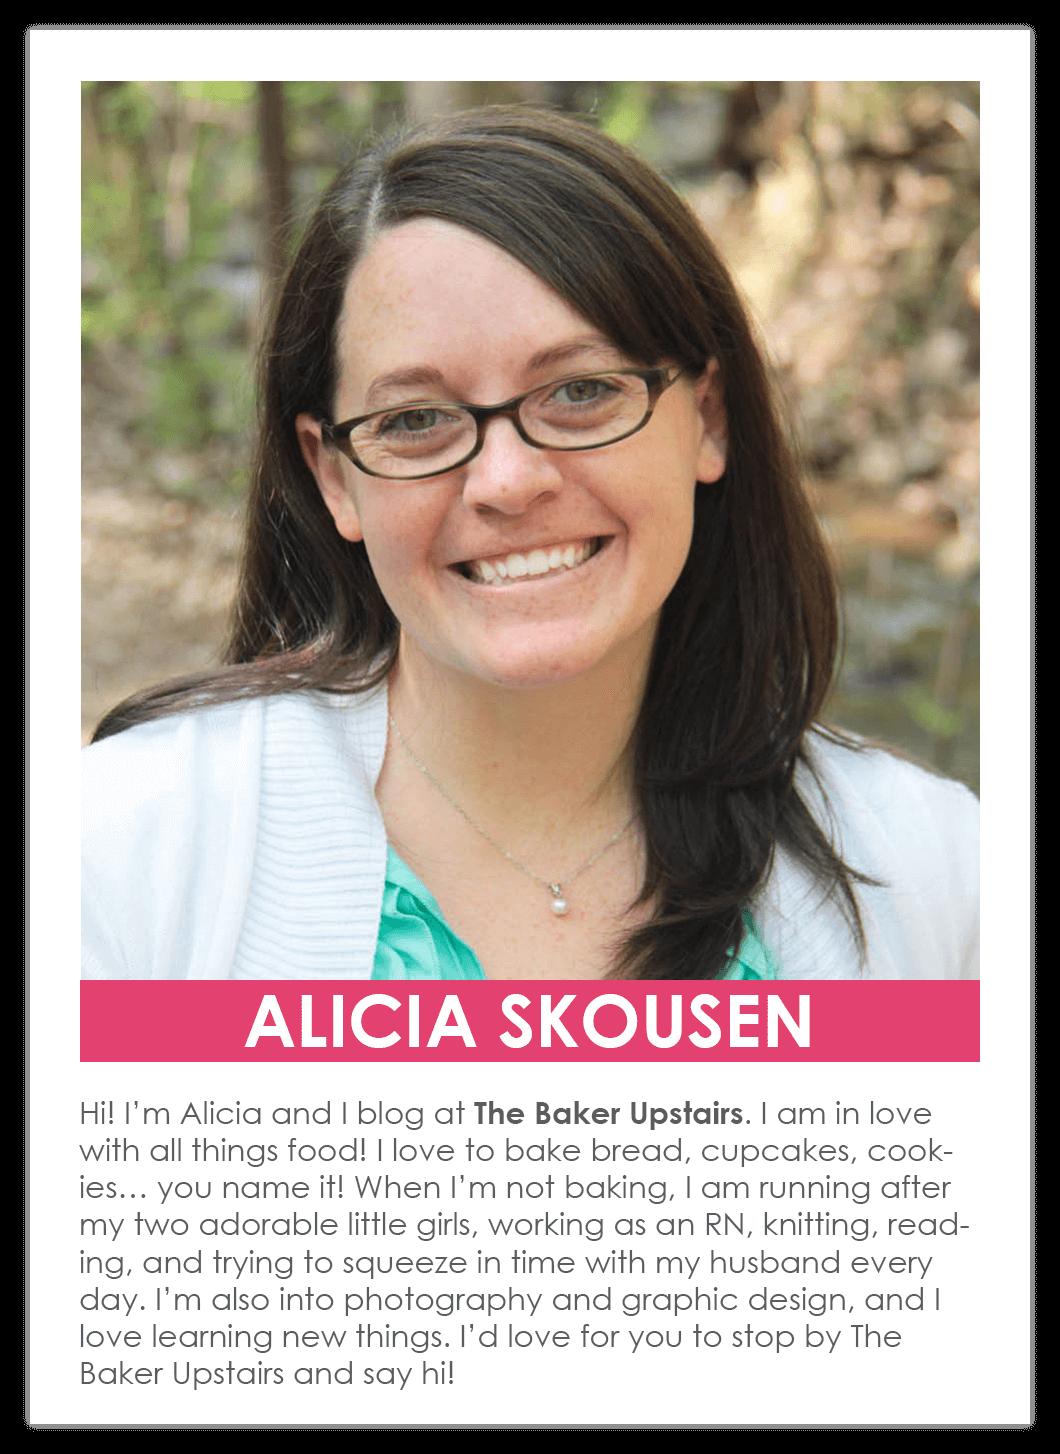 Alicia Skousen